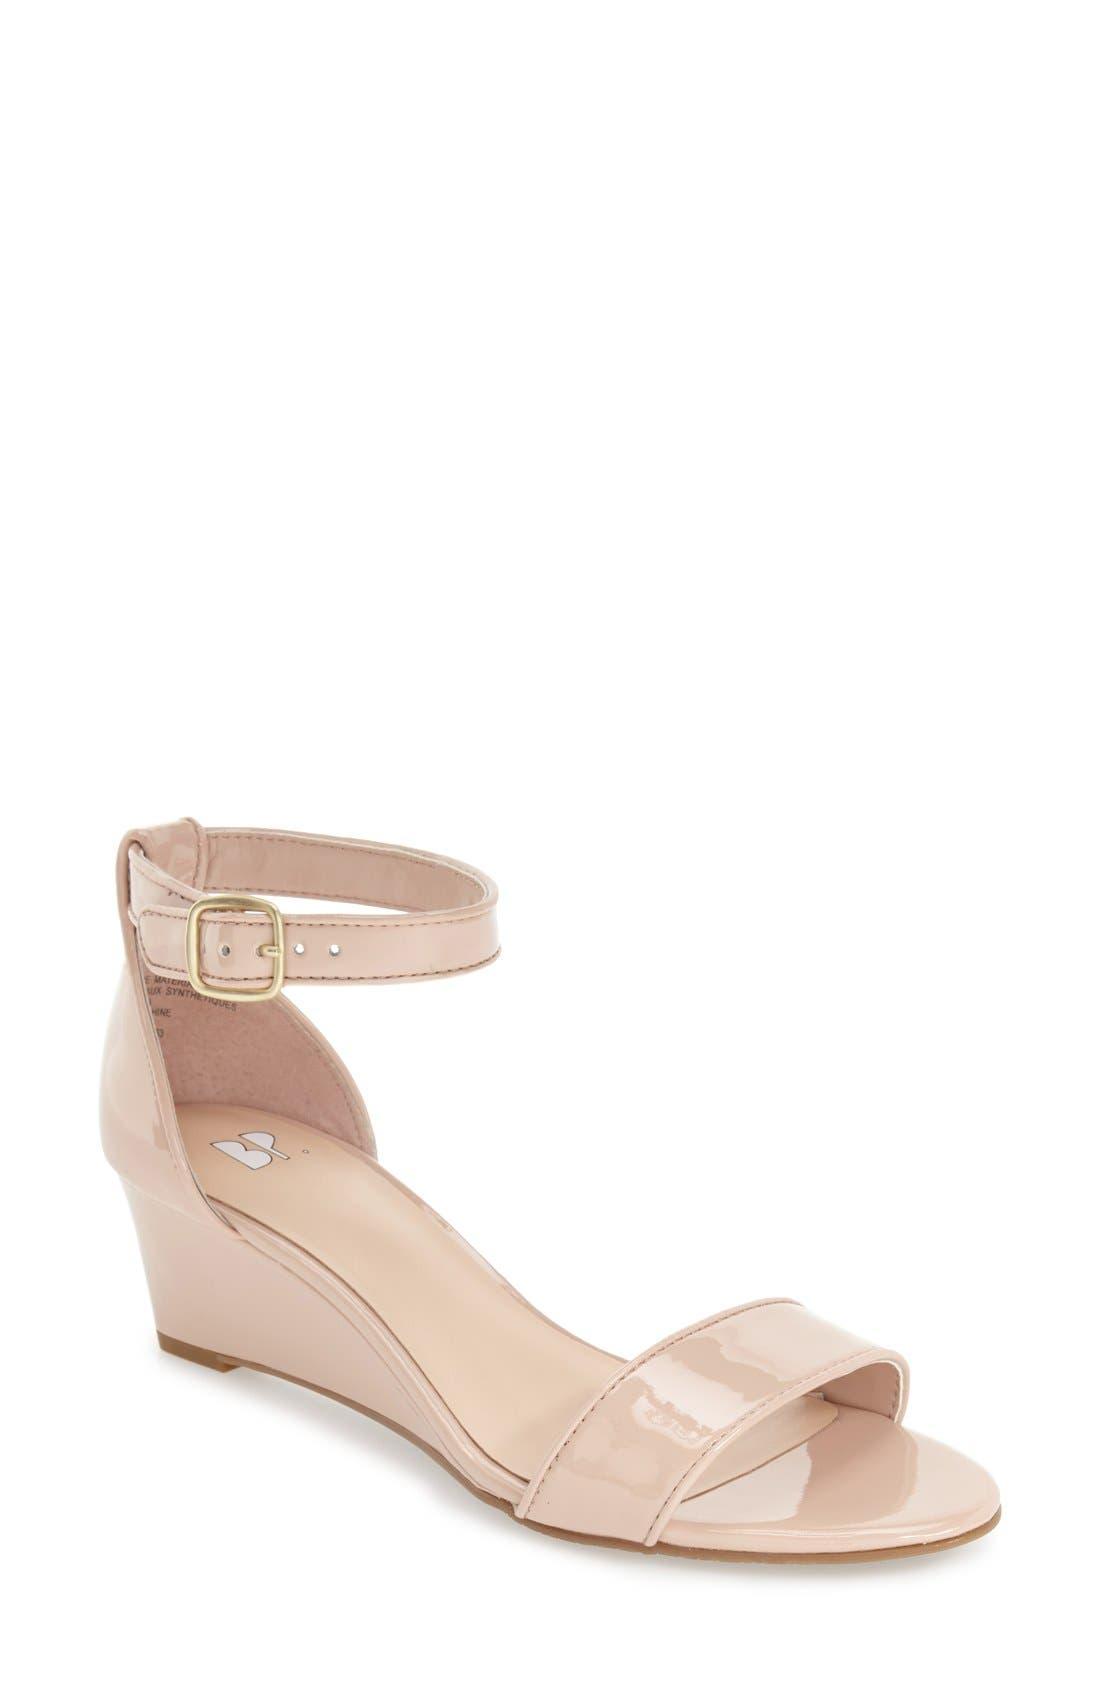 BP. 'Roxie' Wedge Sandal